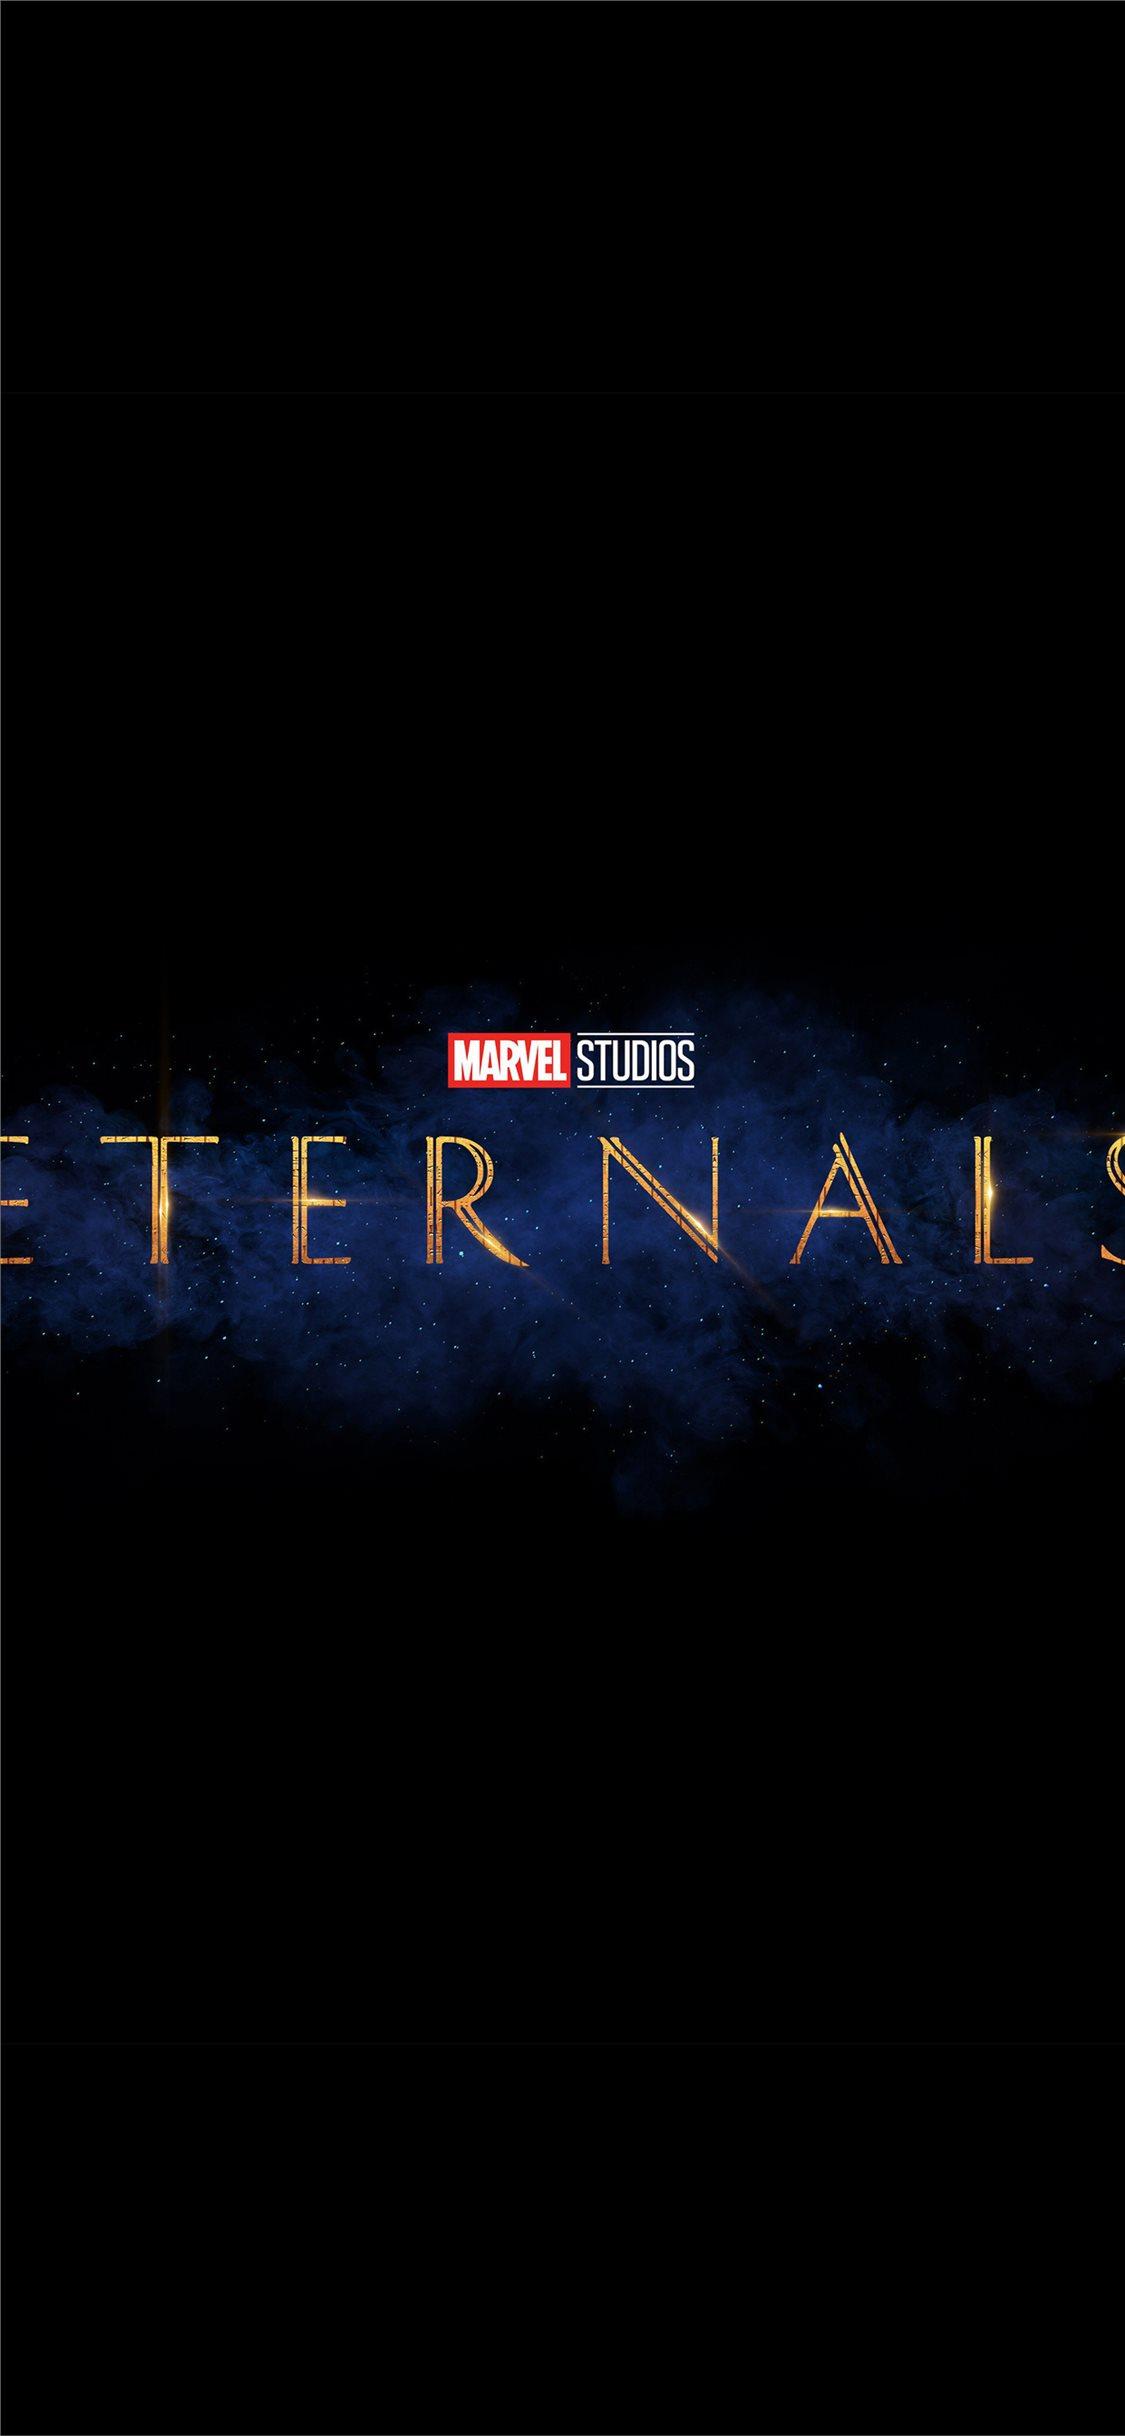 marvel eternals 2020 iPhone X Wallpapers Download 1125x2436